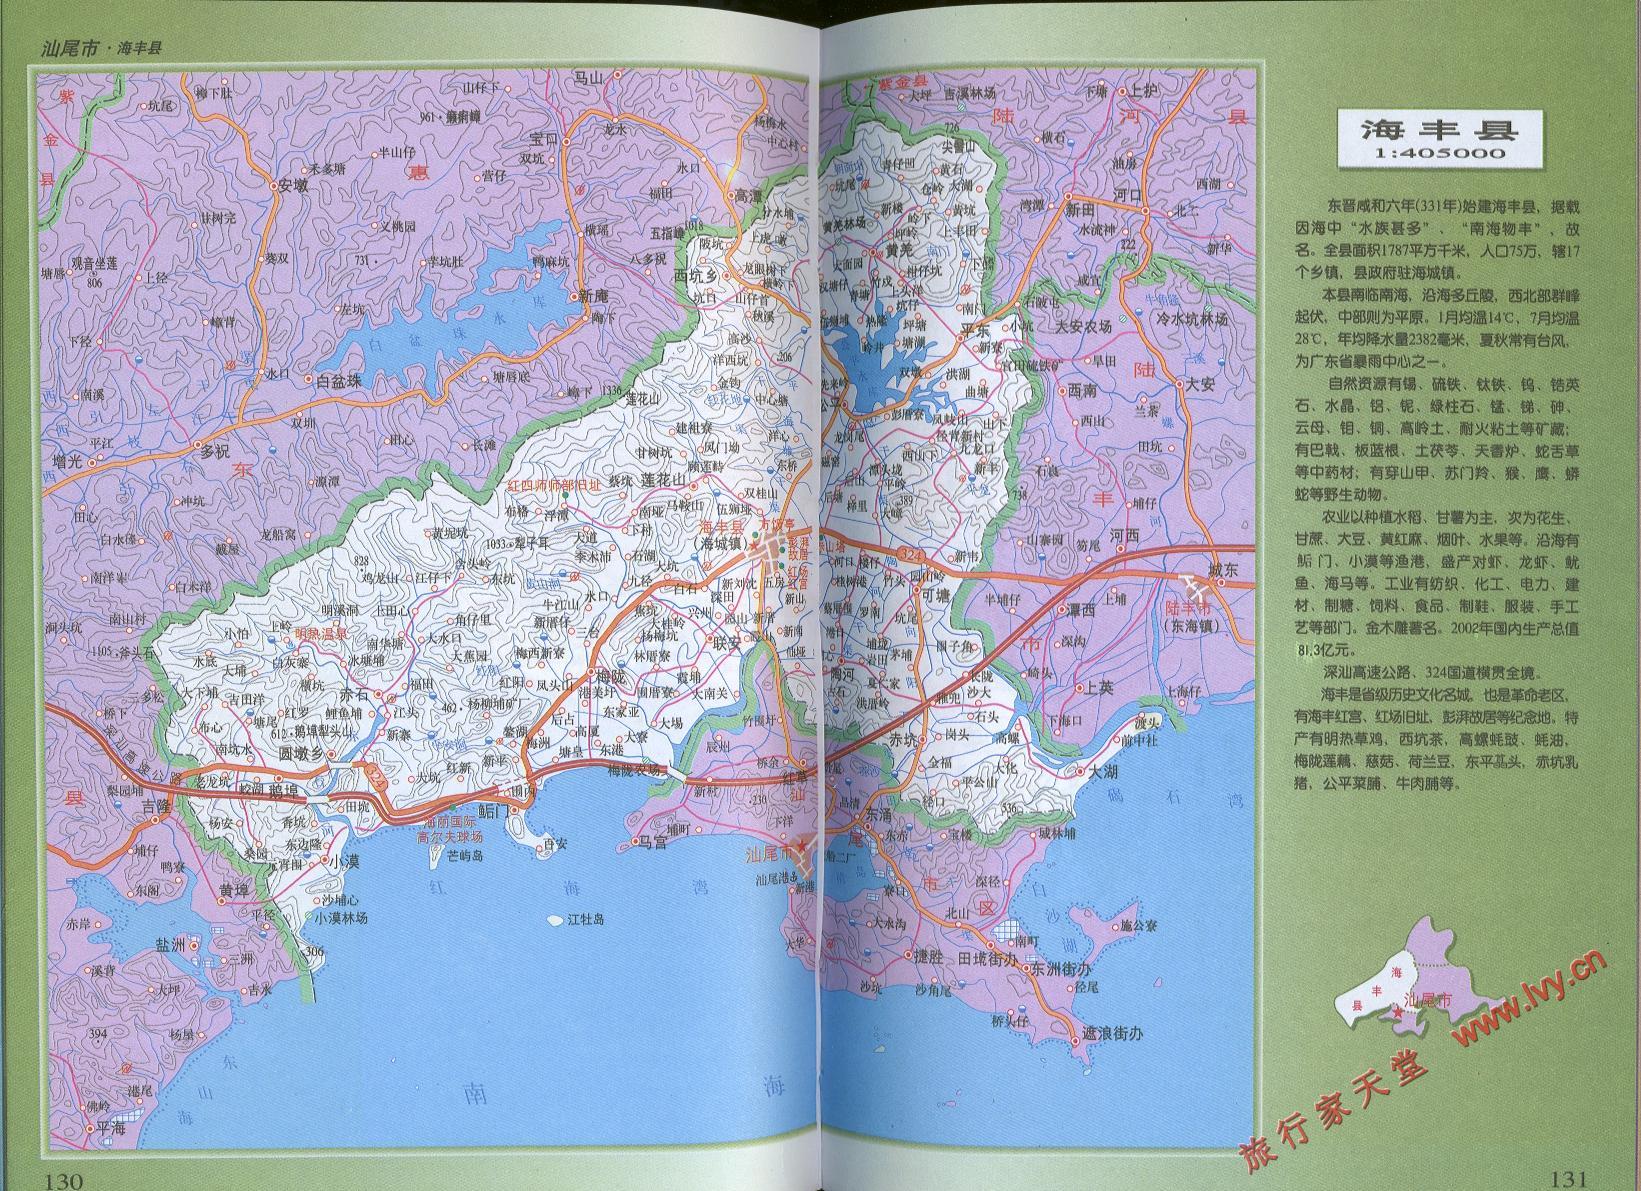 广东省汕尾市城区地图